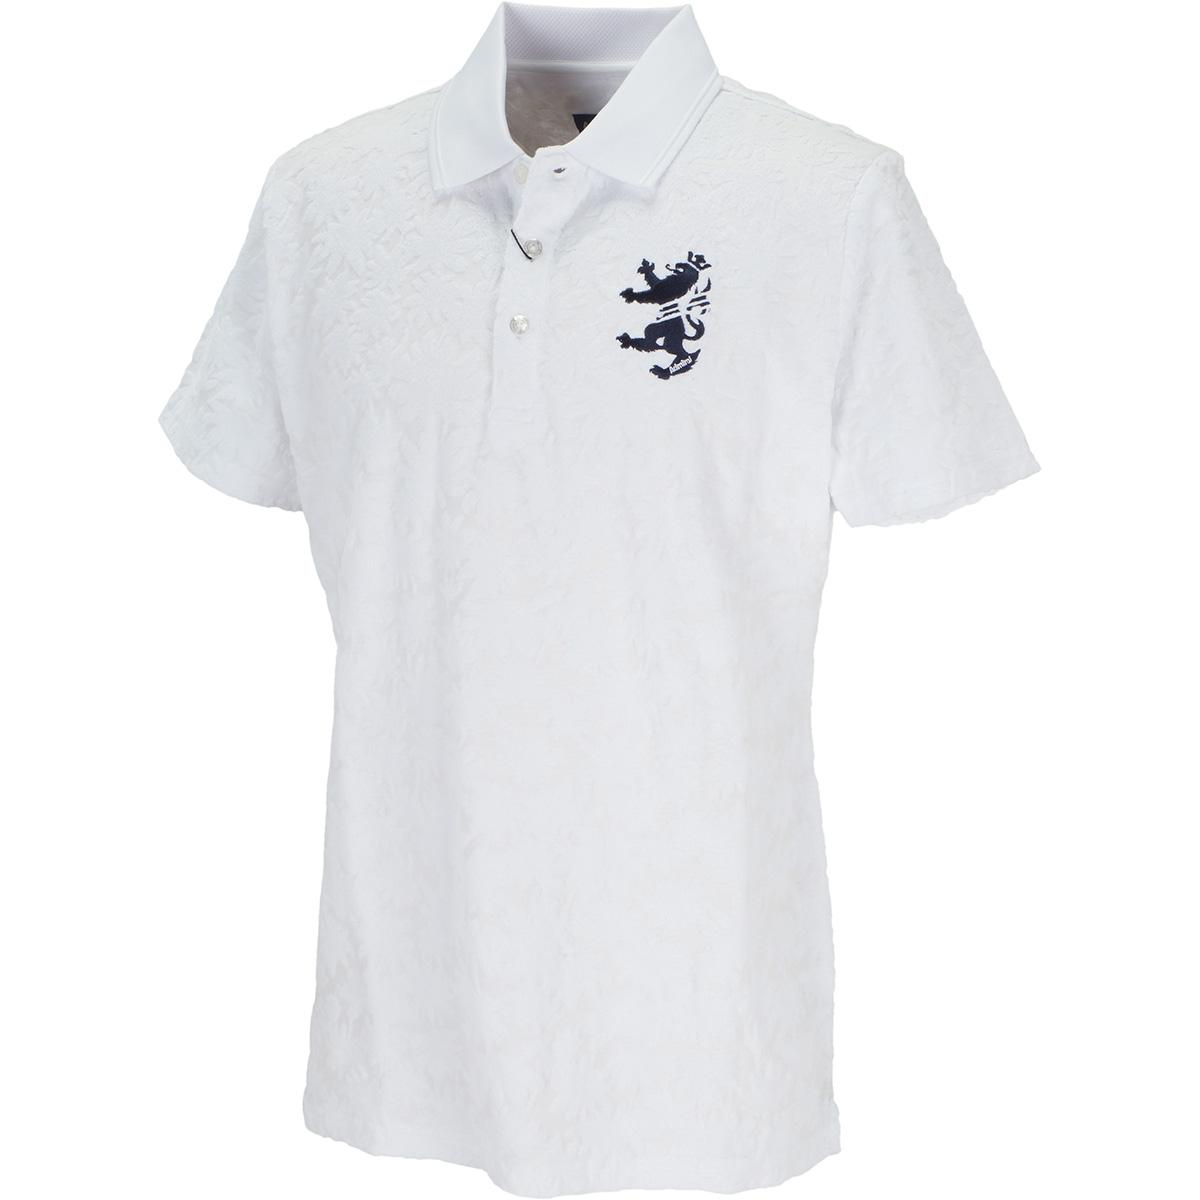 ツリーパイル 半袖ポロシャツ